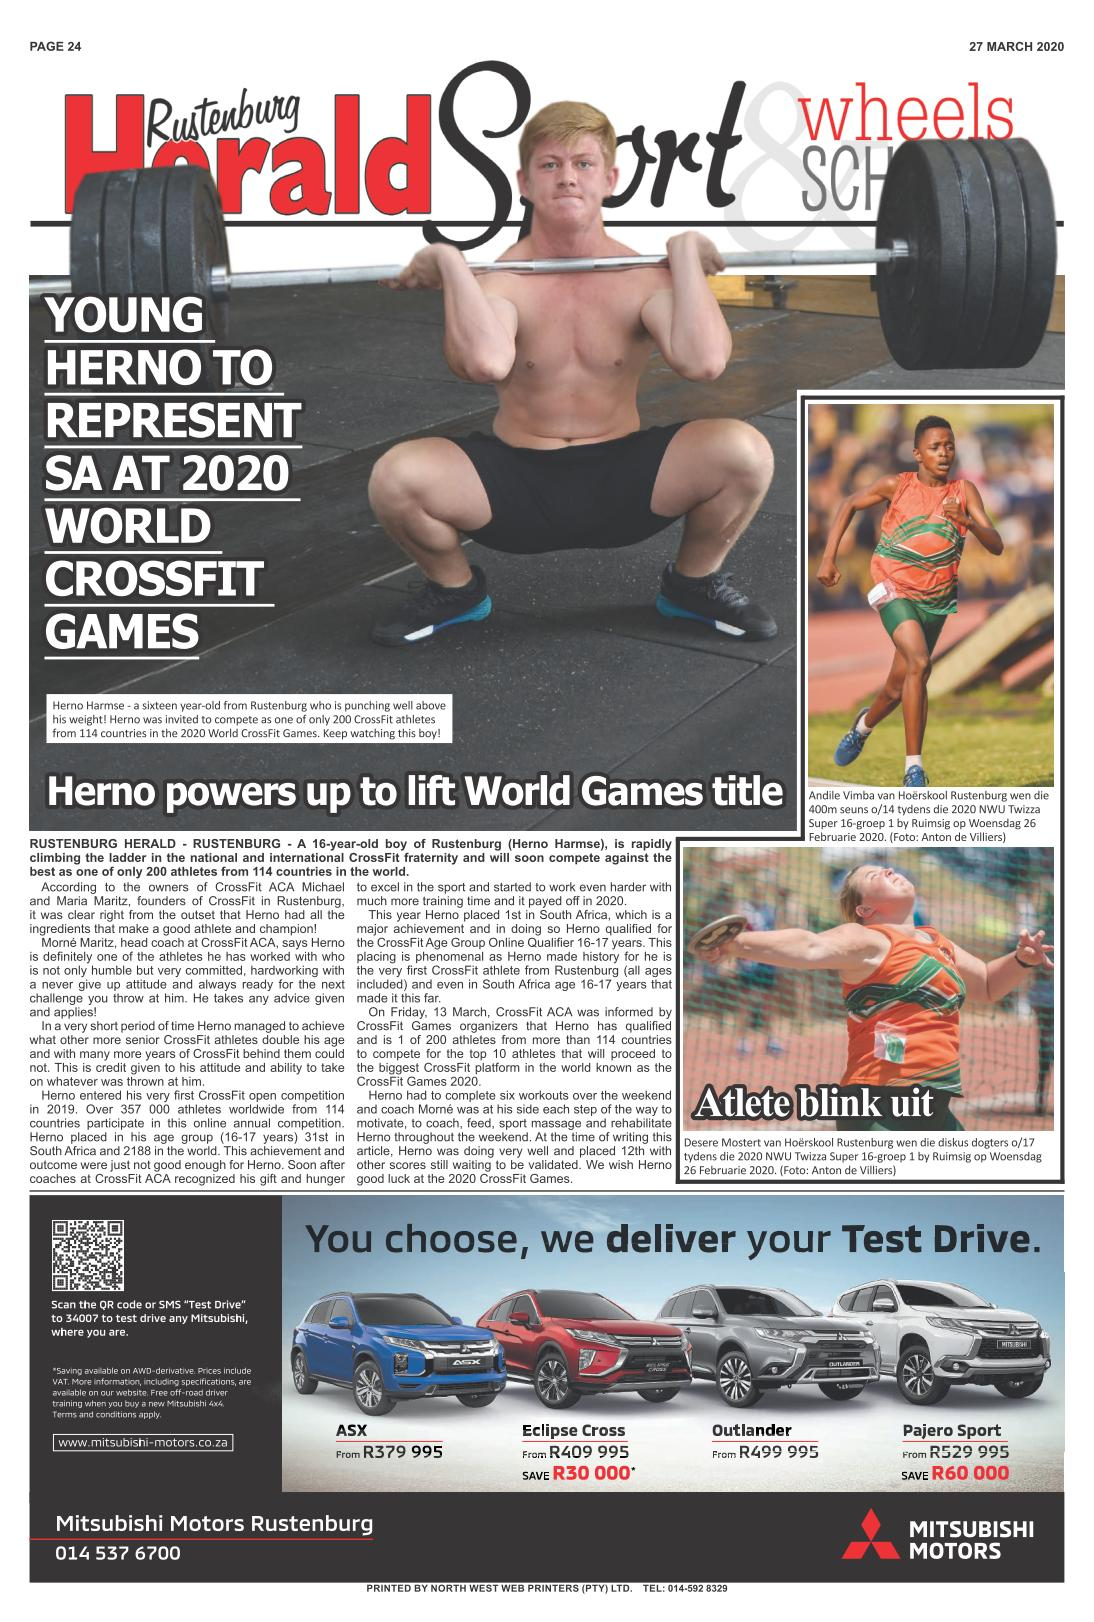 Young Herno to represent SA at 2020 World CrossFit Games